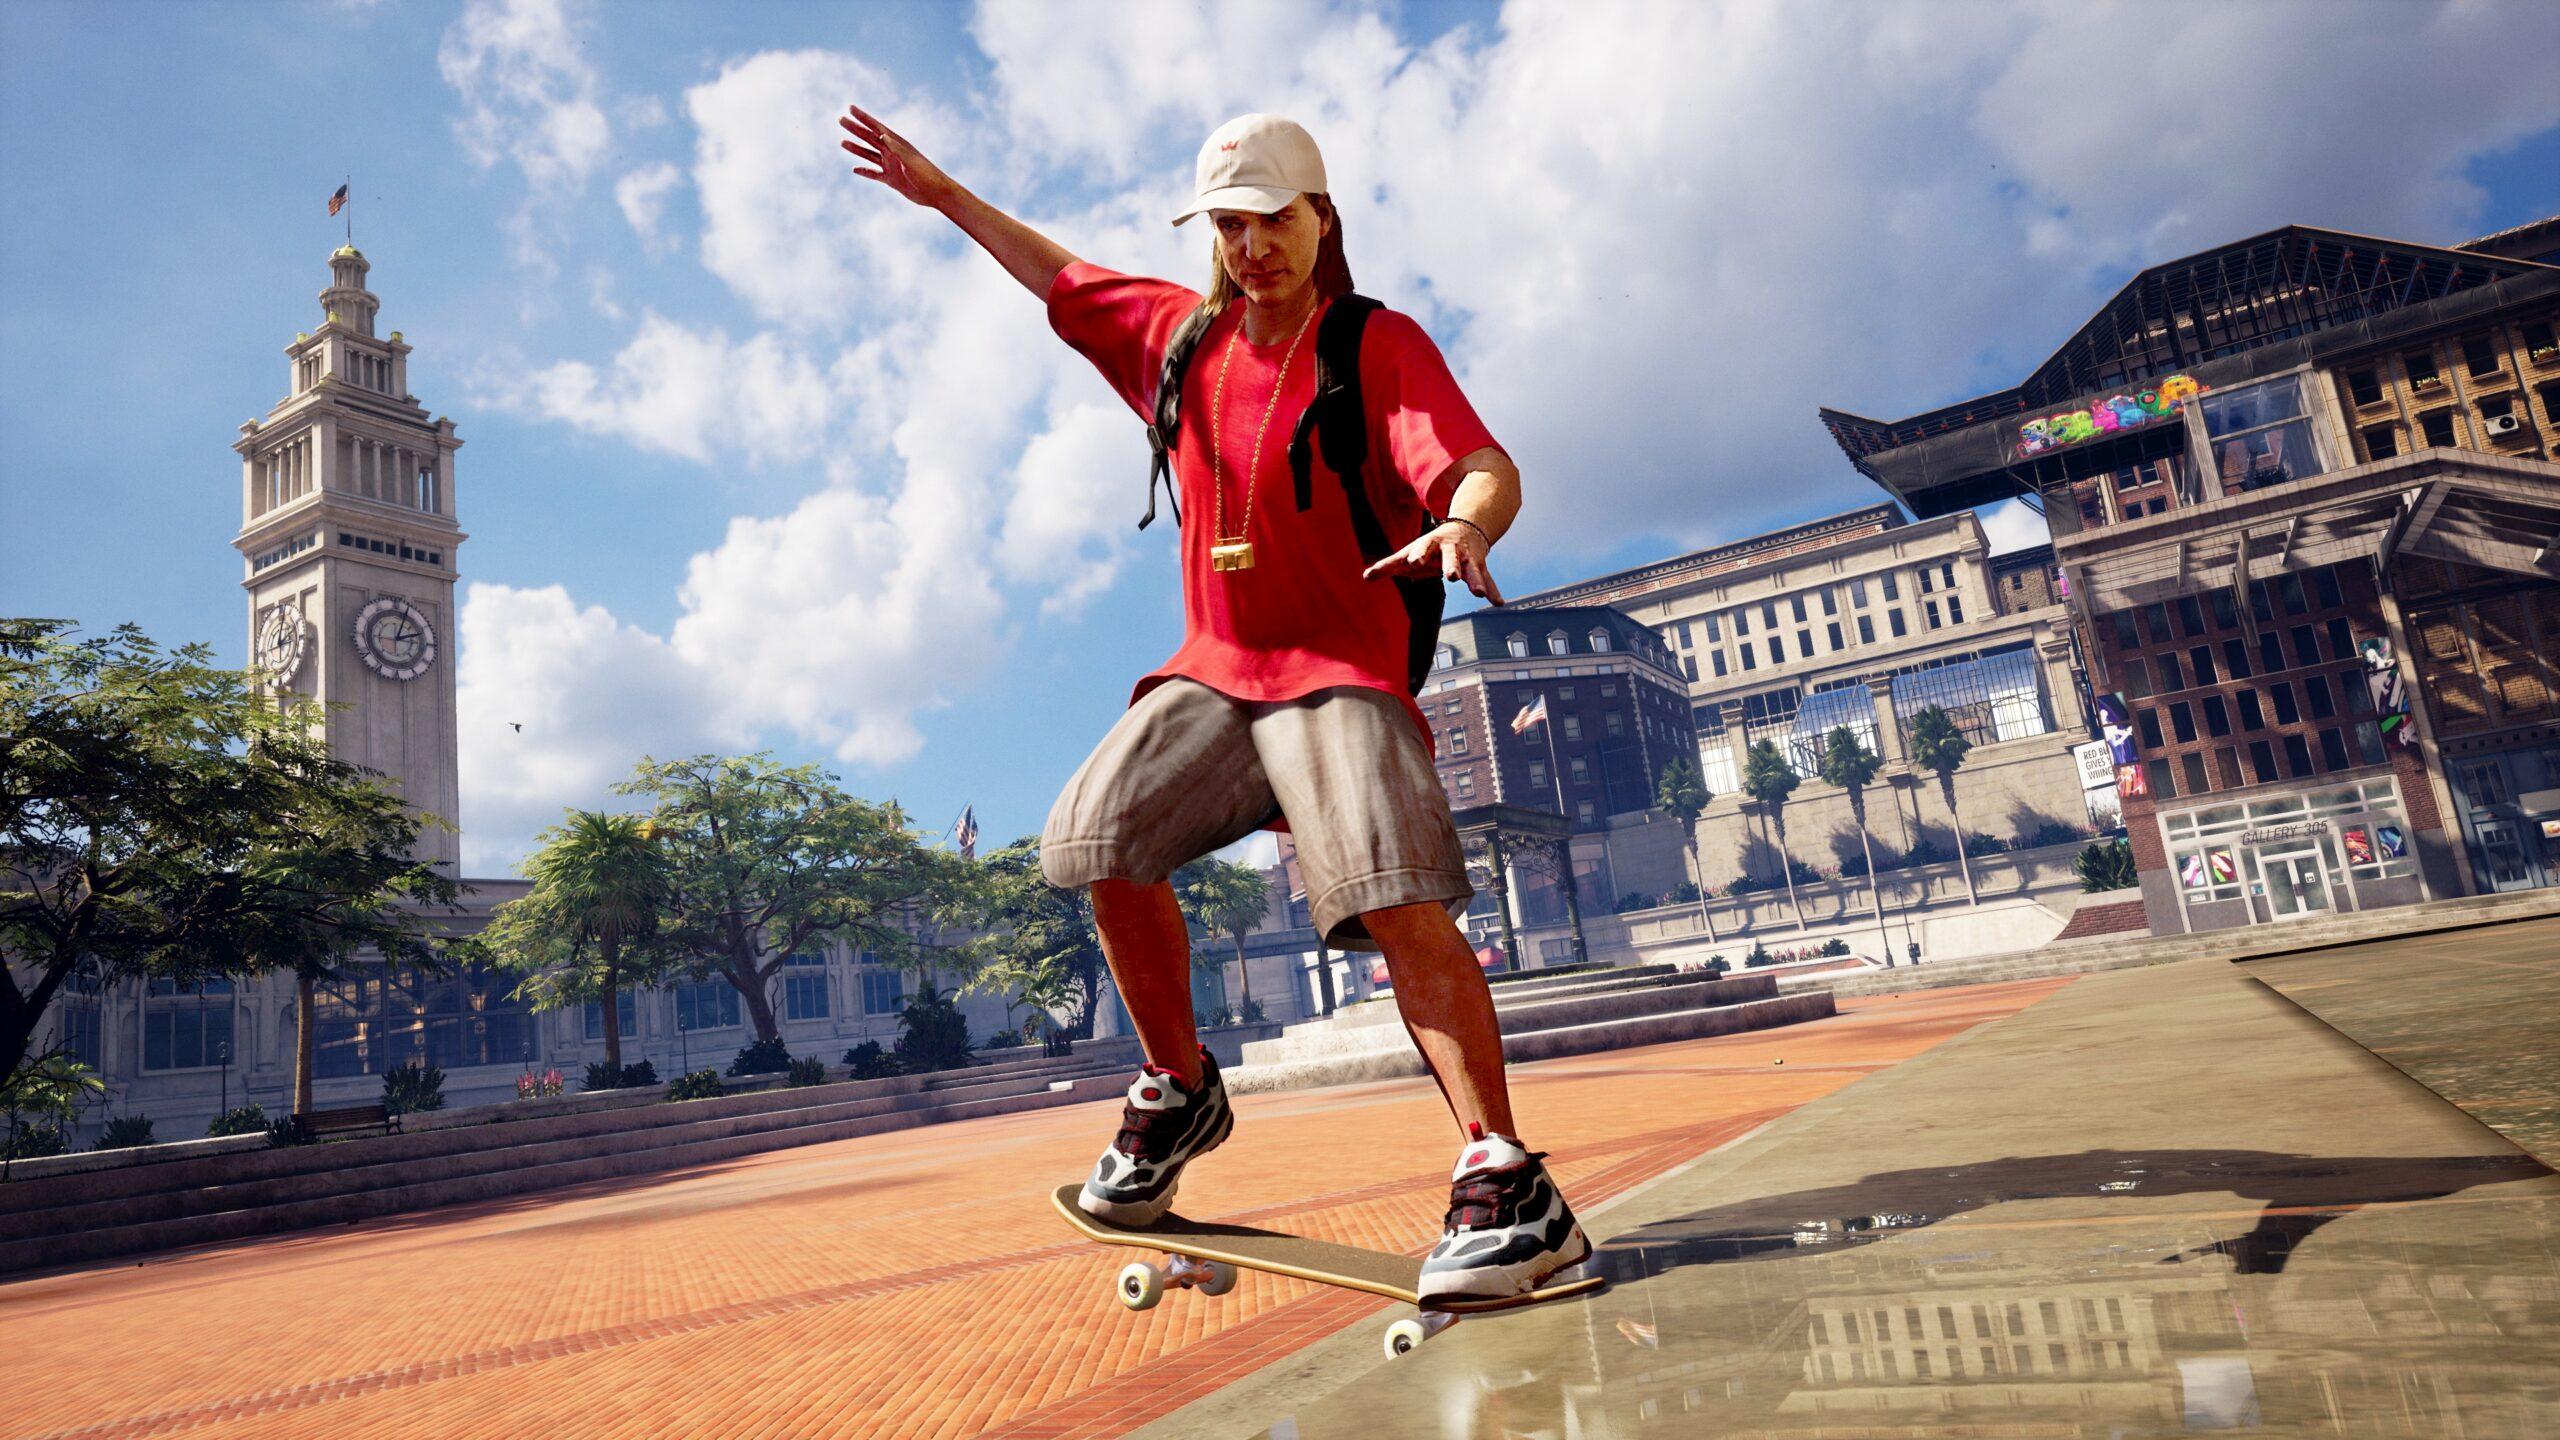 Tony-Hawks-Pro-Skater-1-2_2021_02-23-21_002